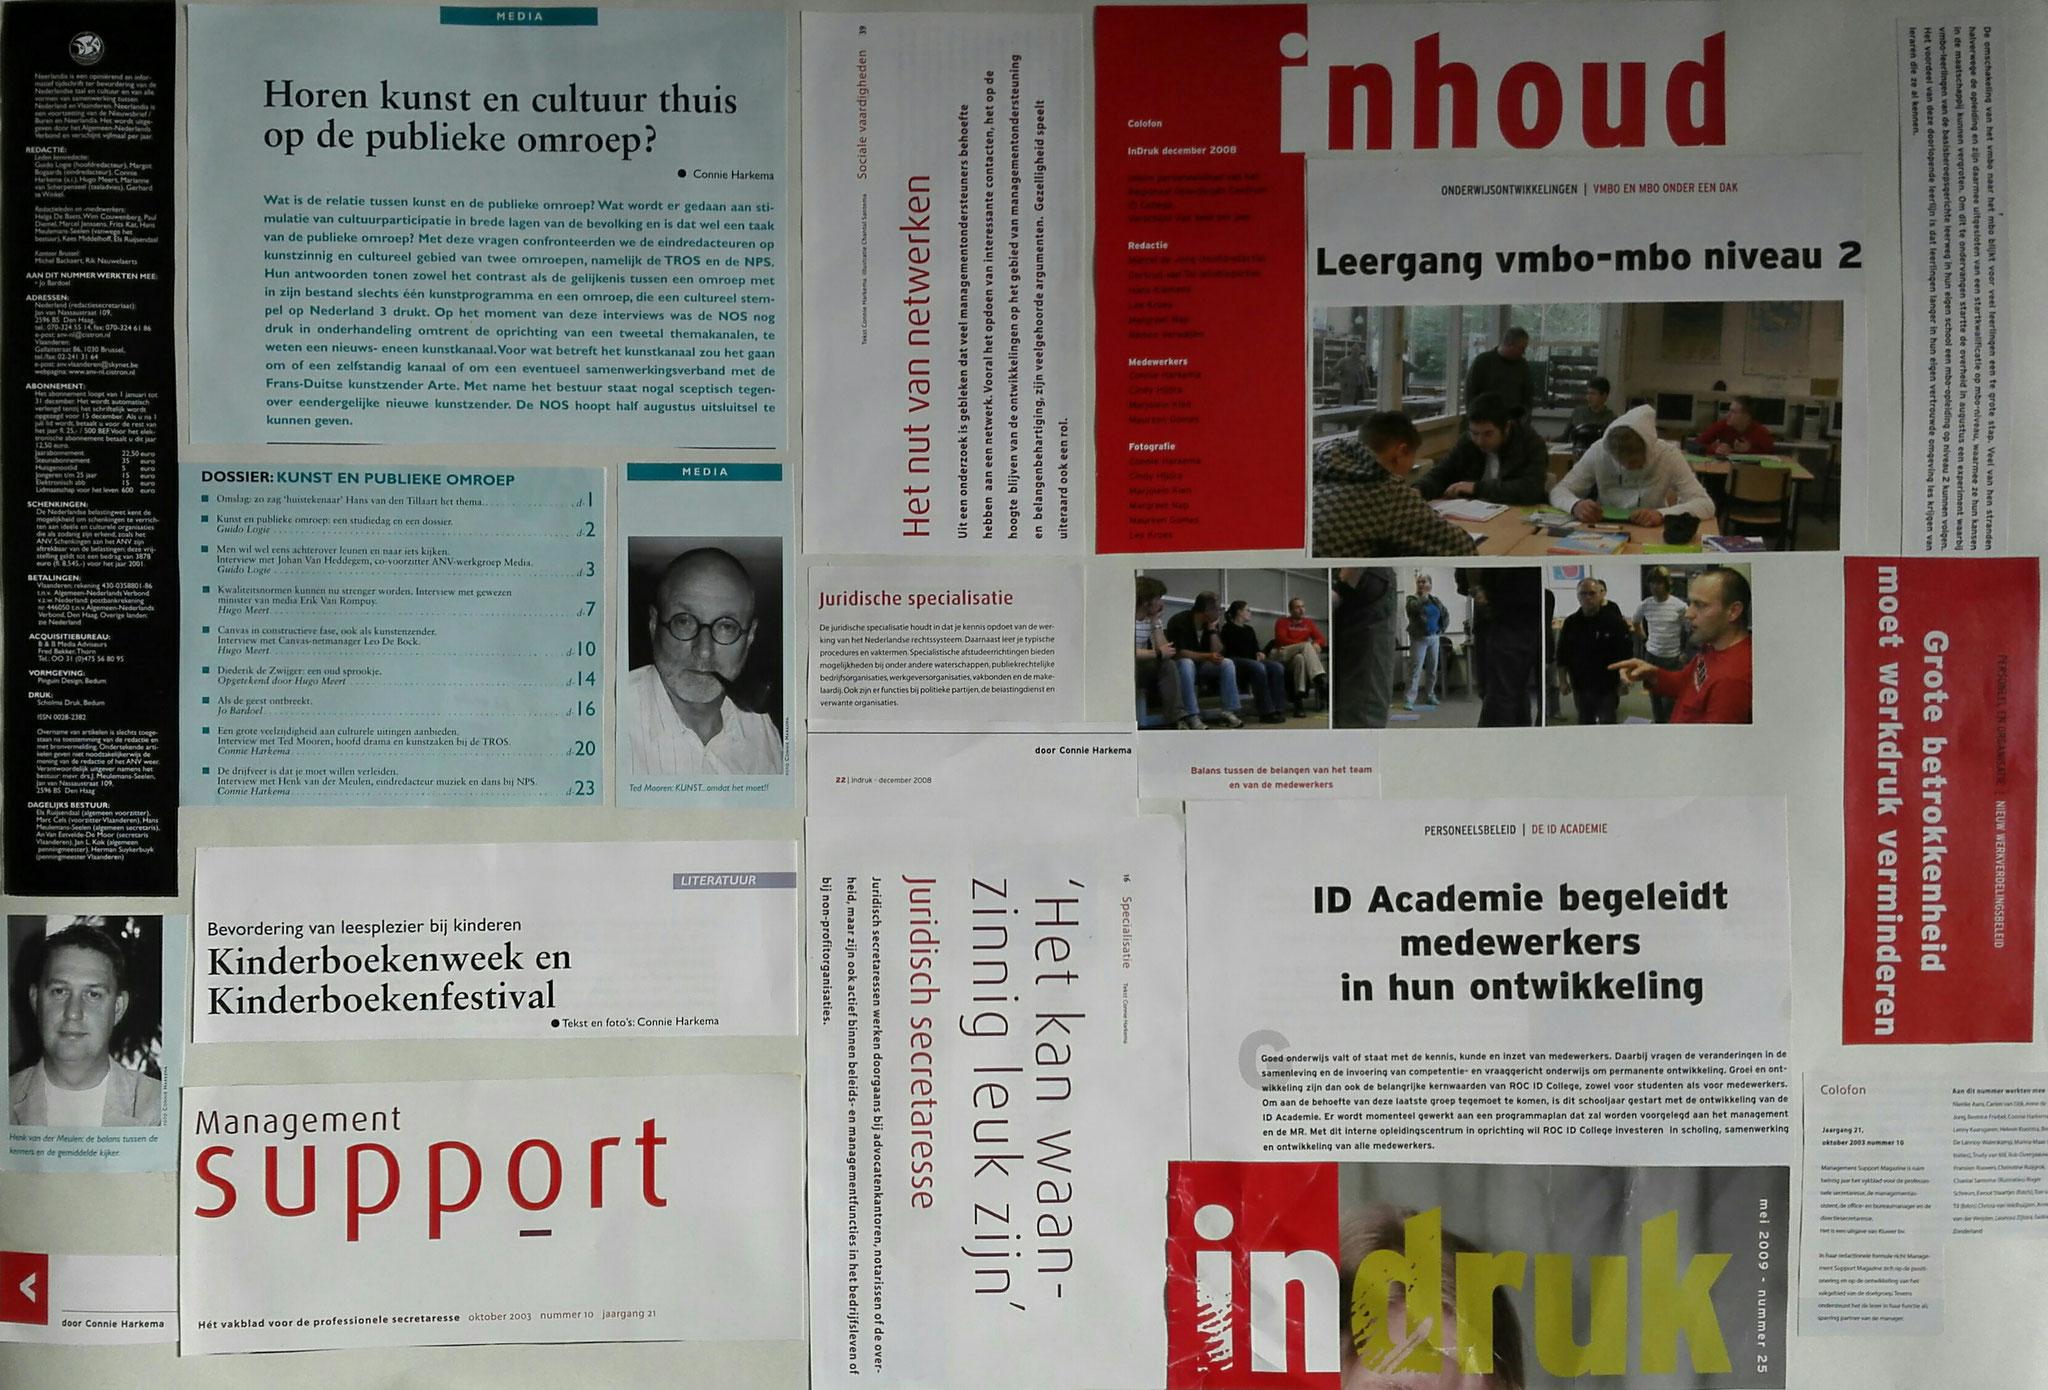 een samenstelling van stukjes tekst uit:  InDruk , Management support en Neerlandia. De bijbehorende haiku luidt als volgt: Indruk en inhoud - Betrokkenheid en balans - Ontwikkelingen